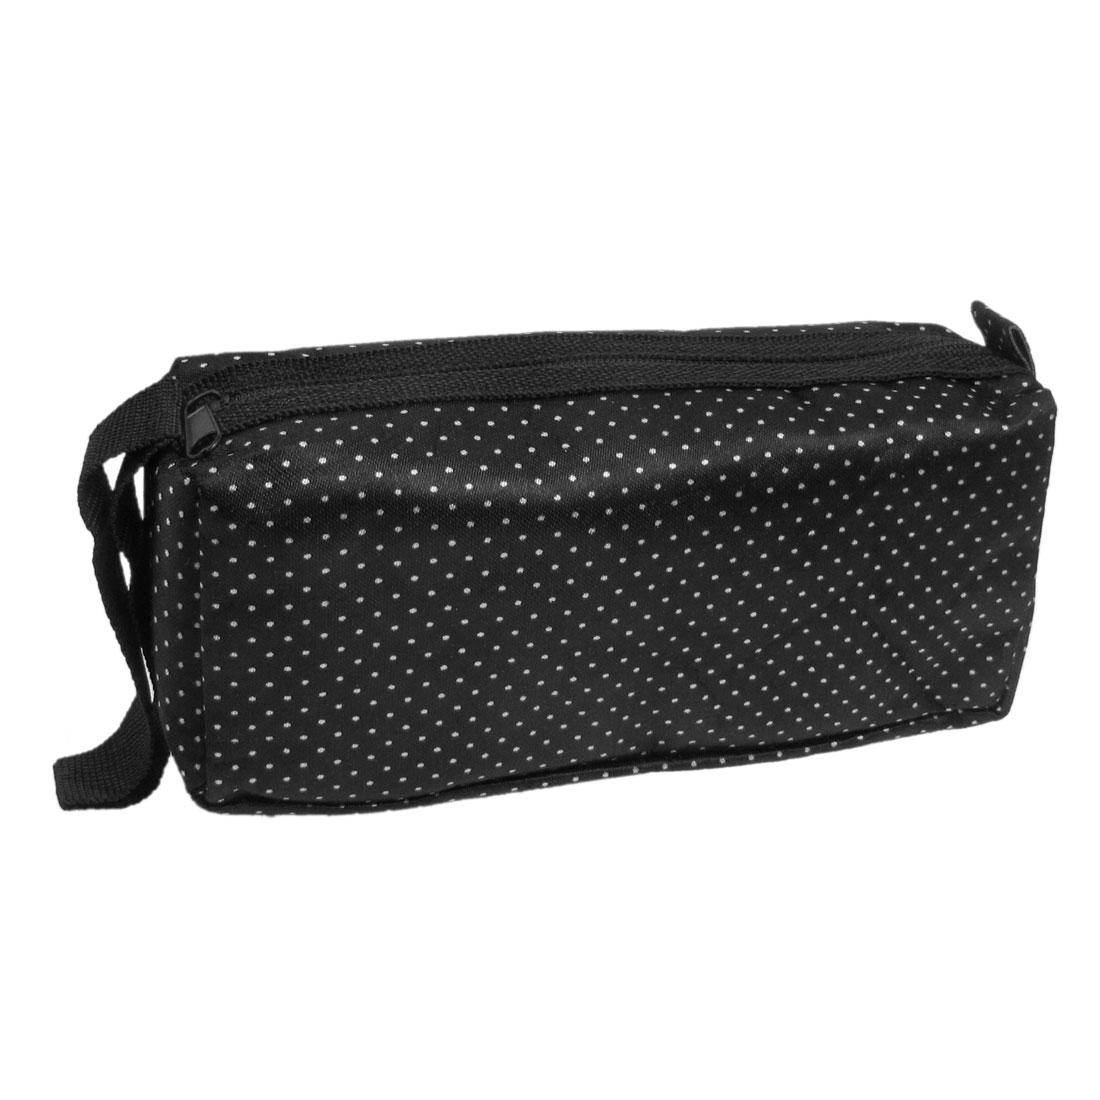 Lady White Dot Print Zip Up Black Cosmetic Pouch Bag w Strap